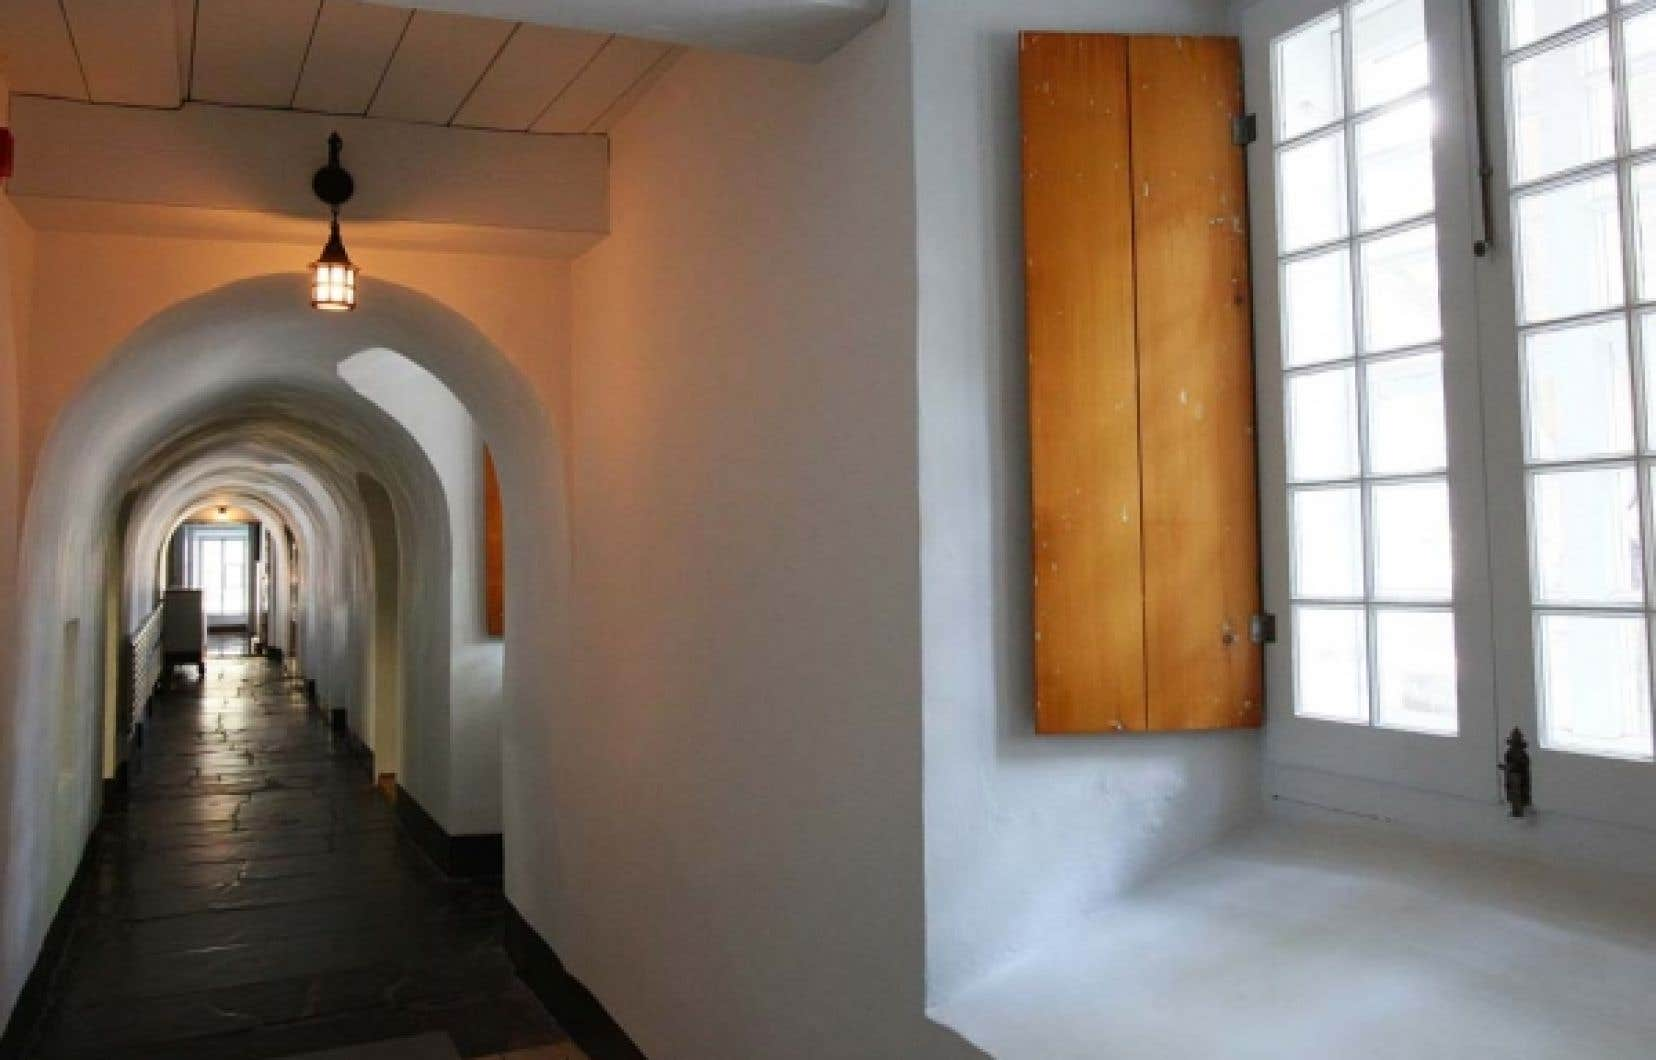 Un corridor du monastère des Ursulines, à Québec. Le couvent est un joyau encore trop peu connu.